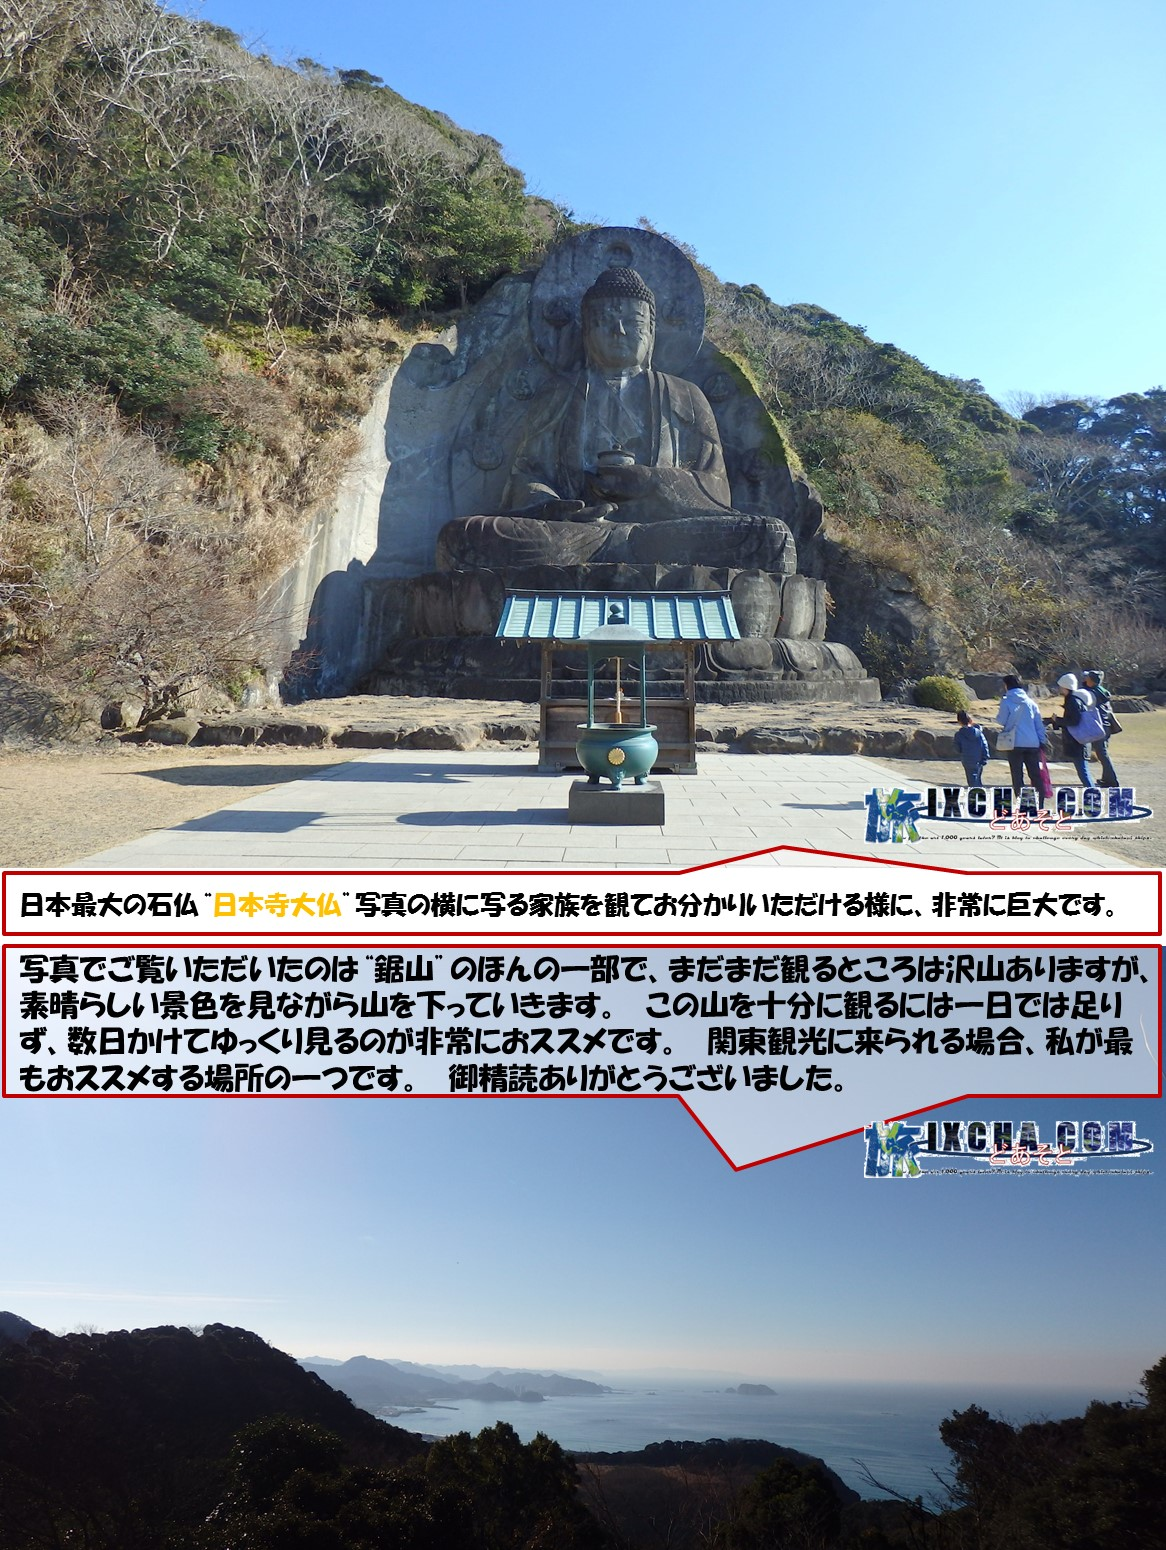 """日本最大の石仏""""日本寺大仏""""写真の横に写る家族を観てお分かりいただける様に、非常に巨大です。 写真でご覧いただいたのは""""鋸山""""のほんの一部で、まだまだ観るところは沢山ありますが、素晴らしい景色を見ながら山を下っていきます。 この山を十分に観るには一日では足りず、数日かけてゆっくり見るのが非常におススメです。 関東観光に来られる場合、私が最もおススメする場所の一つです。 御精読ありがとうございました。"""